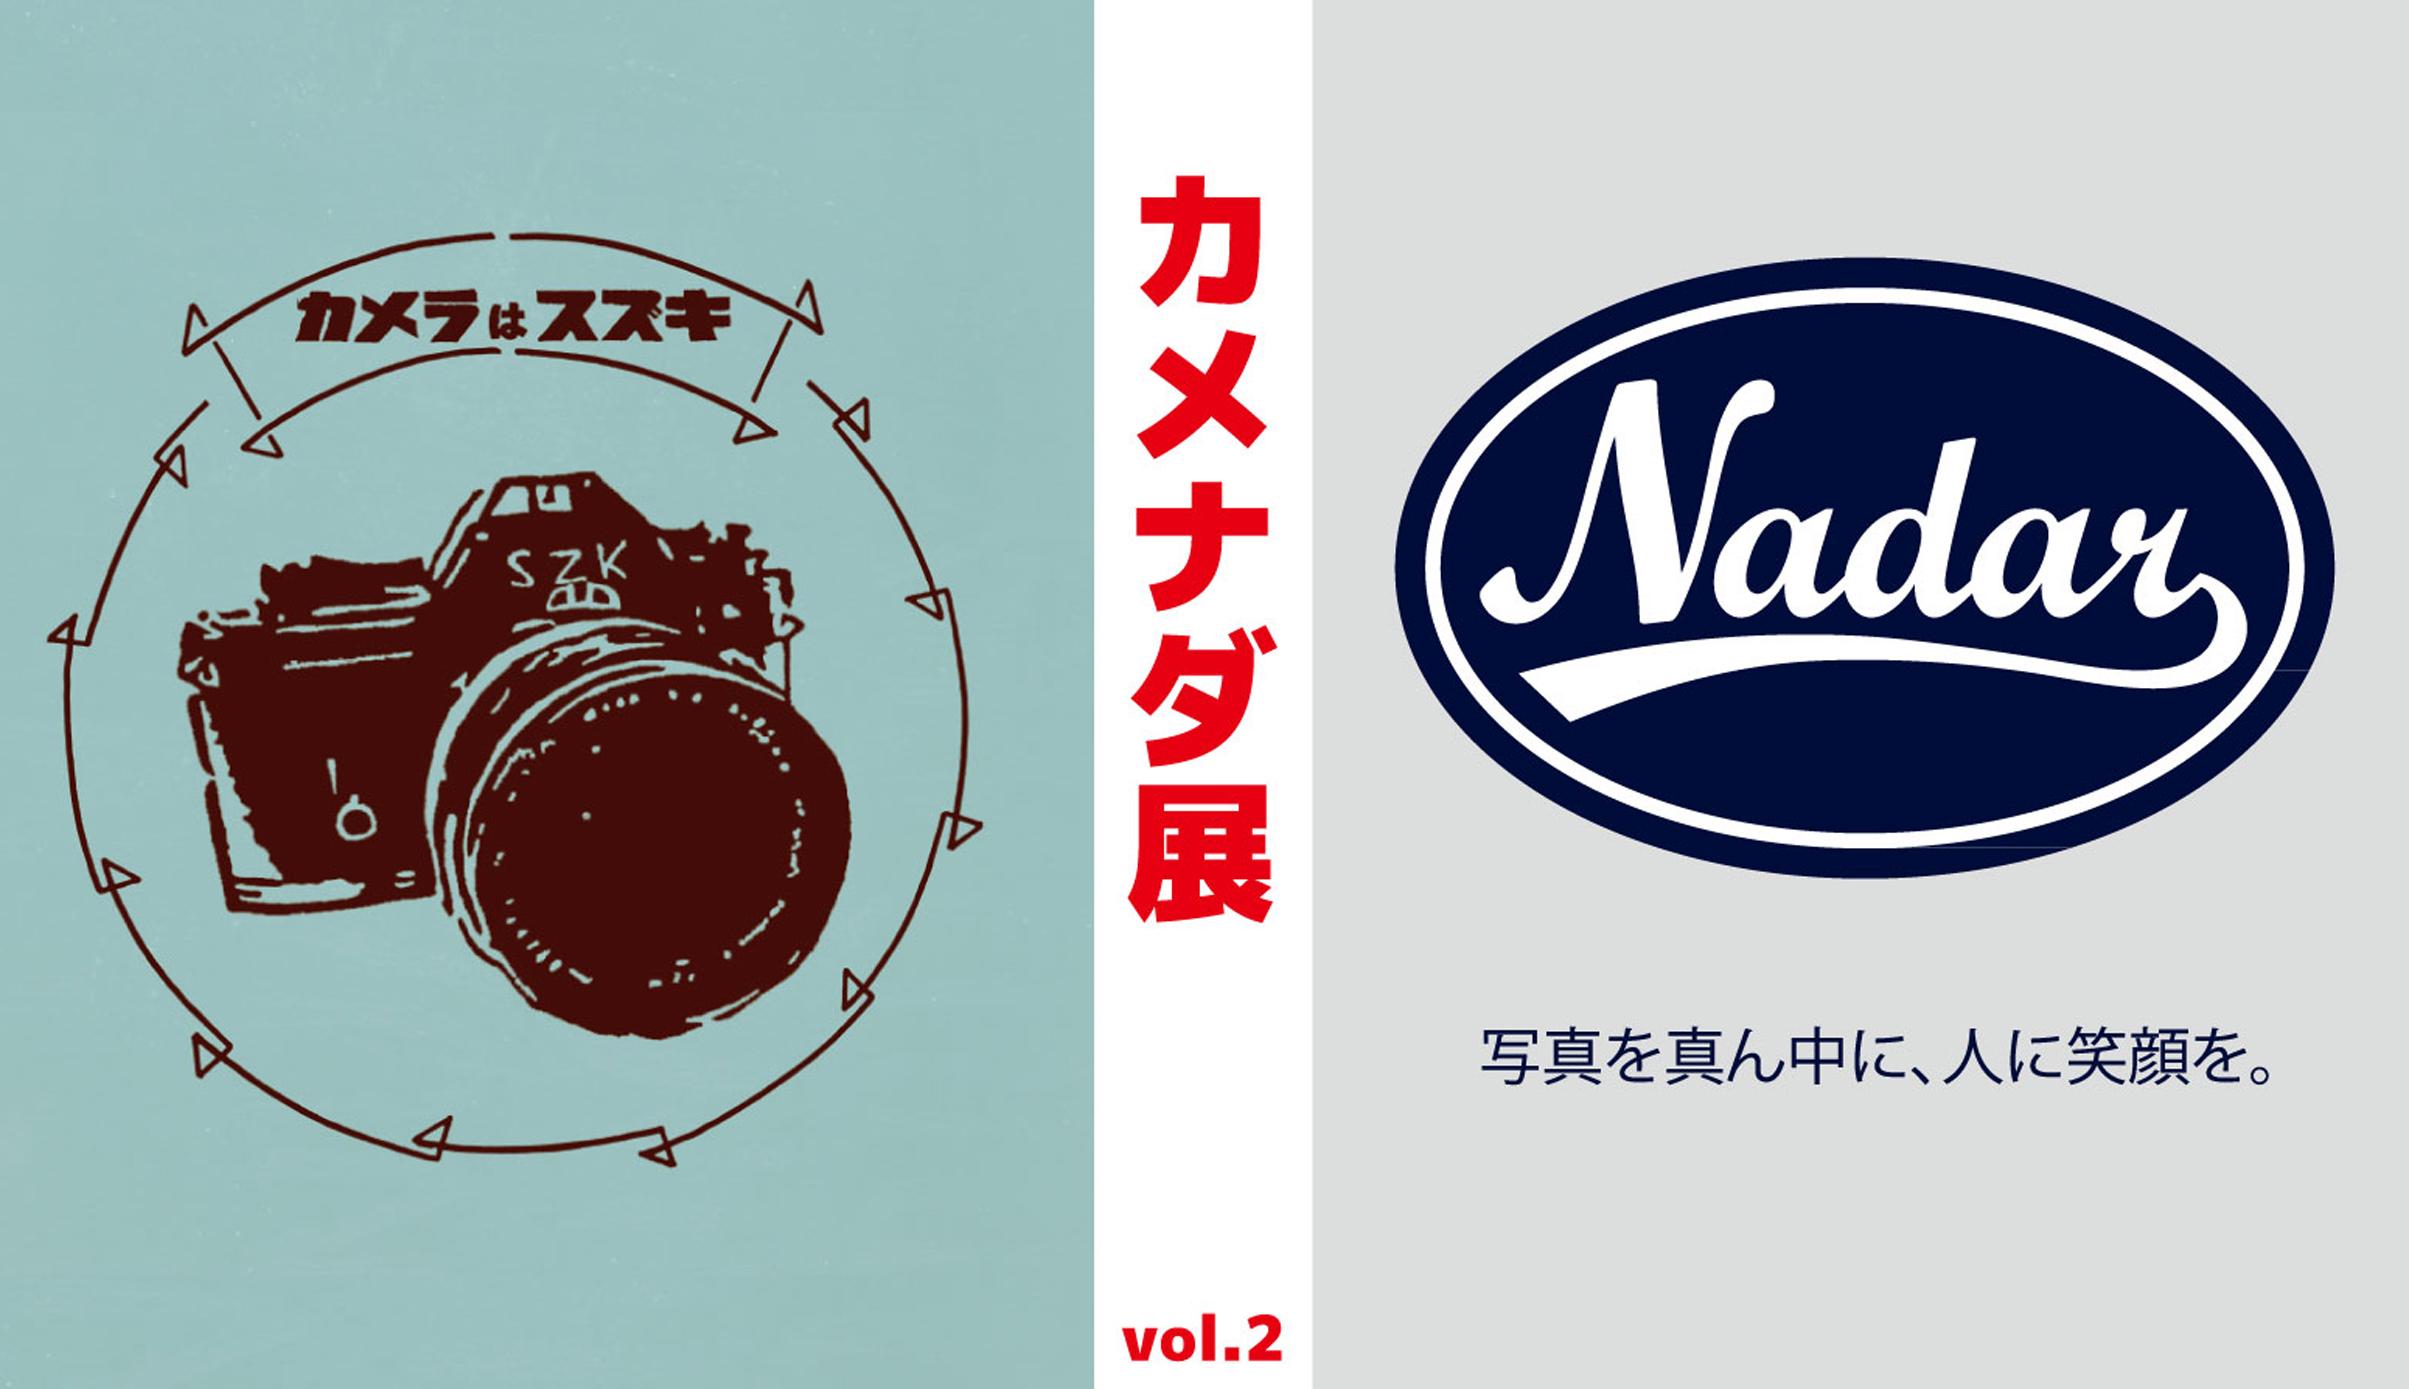 カメラはスズキ x ナダール コラボ企画「カメナダ vol.2」